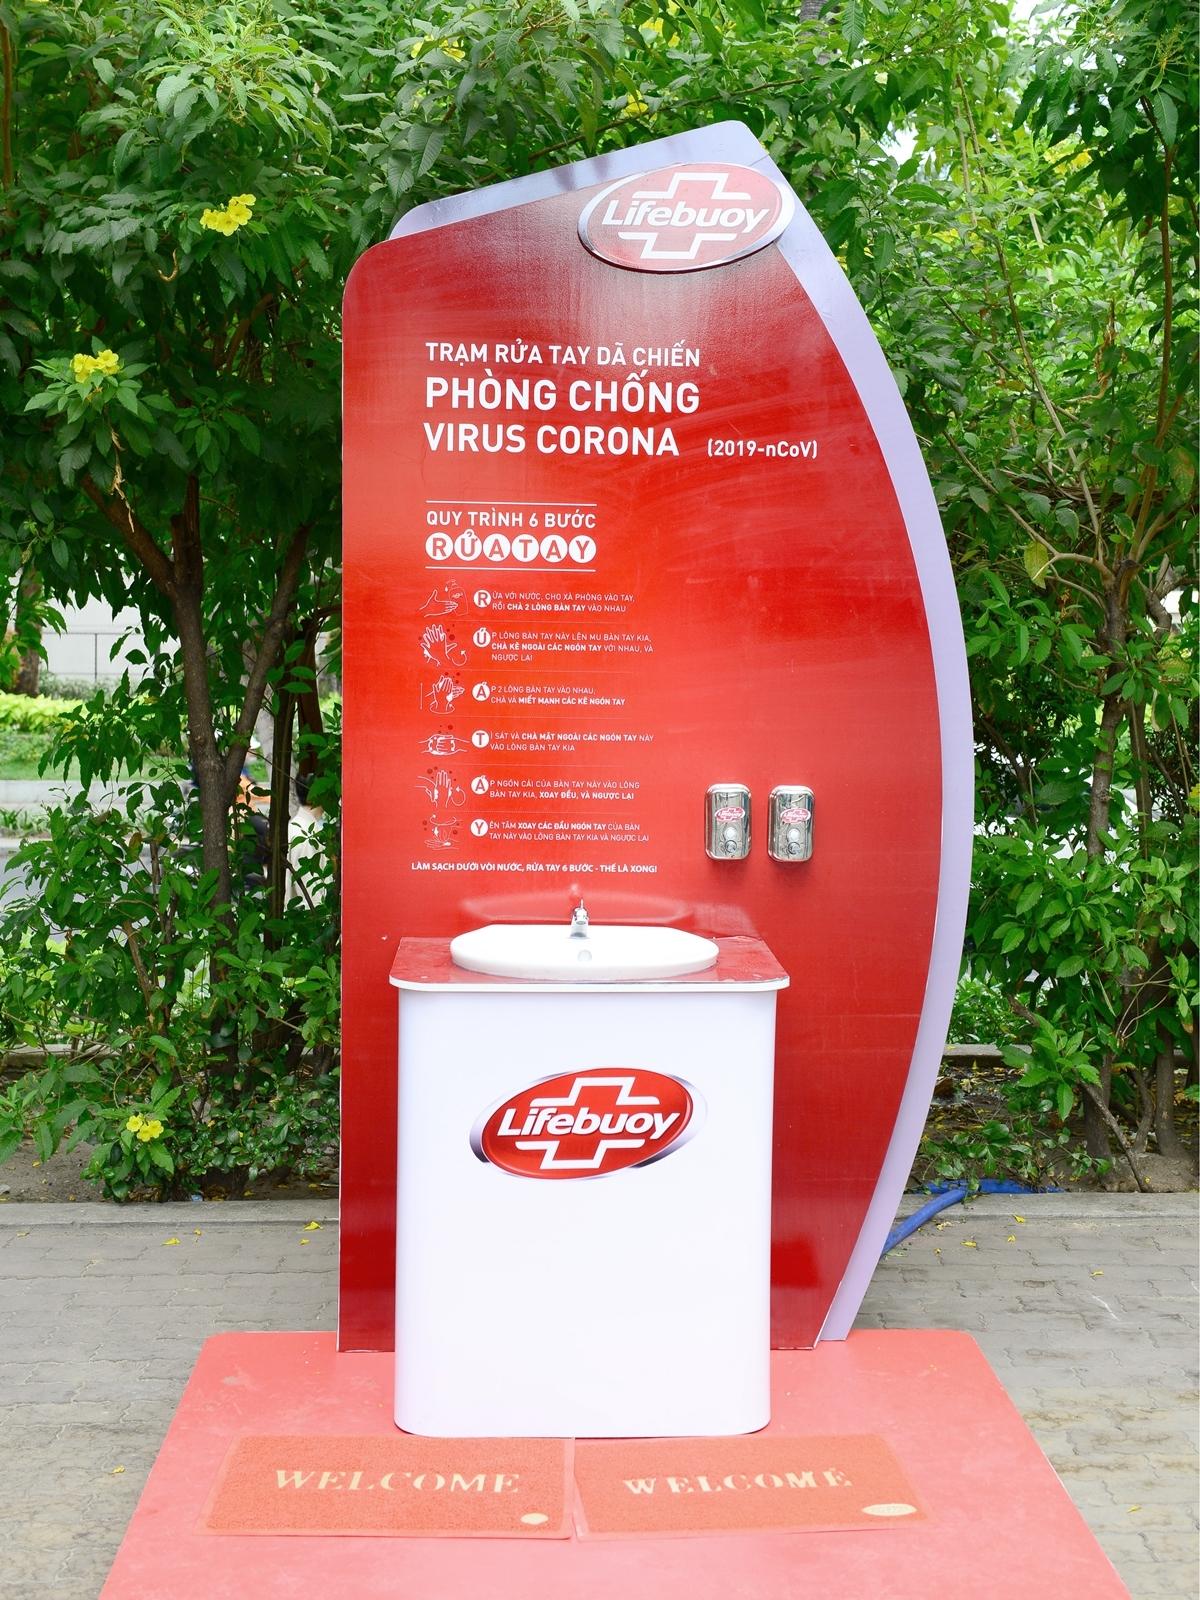 Lifebuoy lắp trạm rửa tay miễn phí ở hàng loạt điểm công cộng